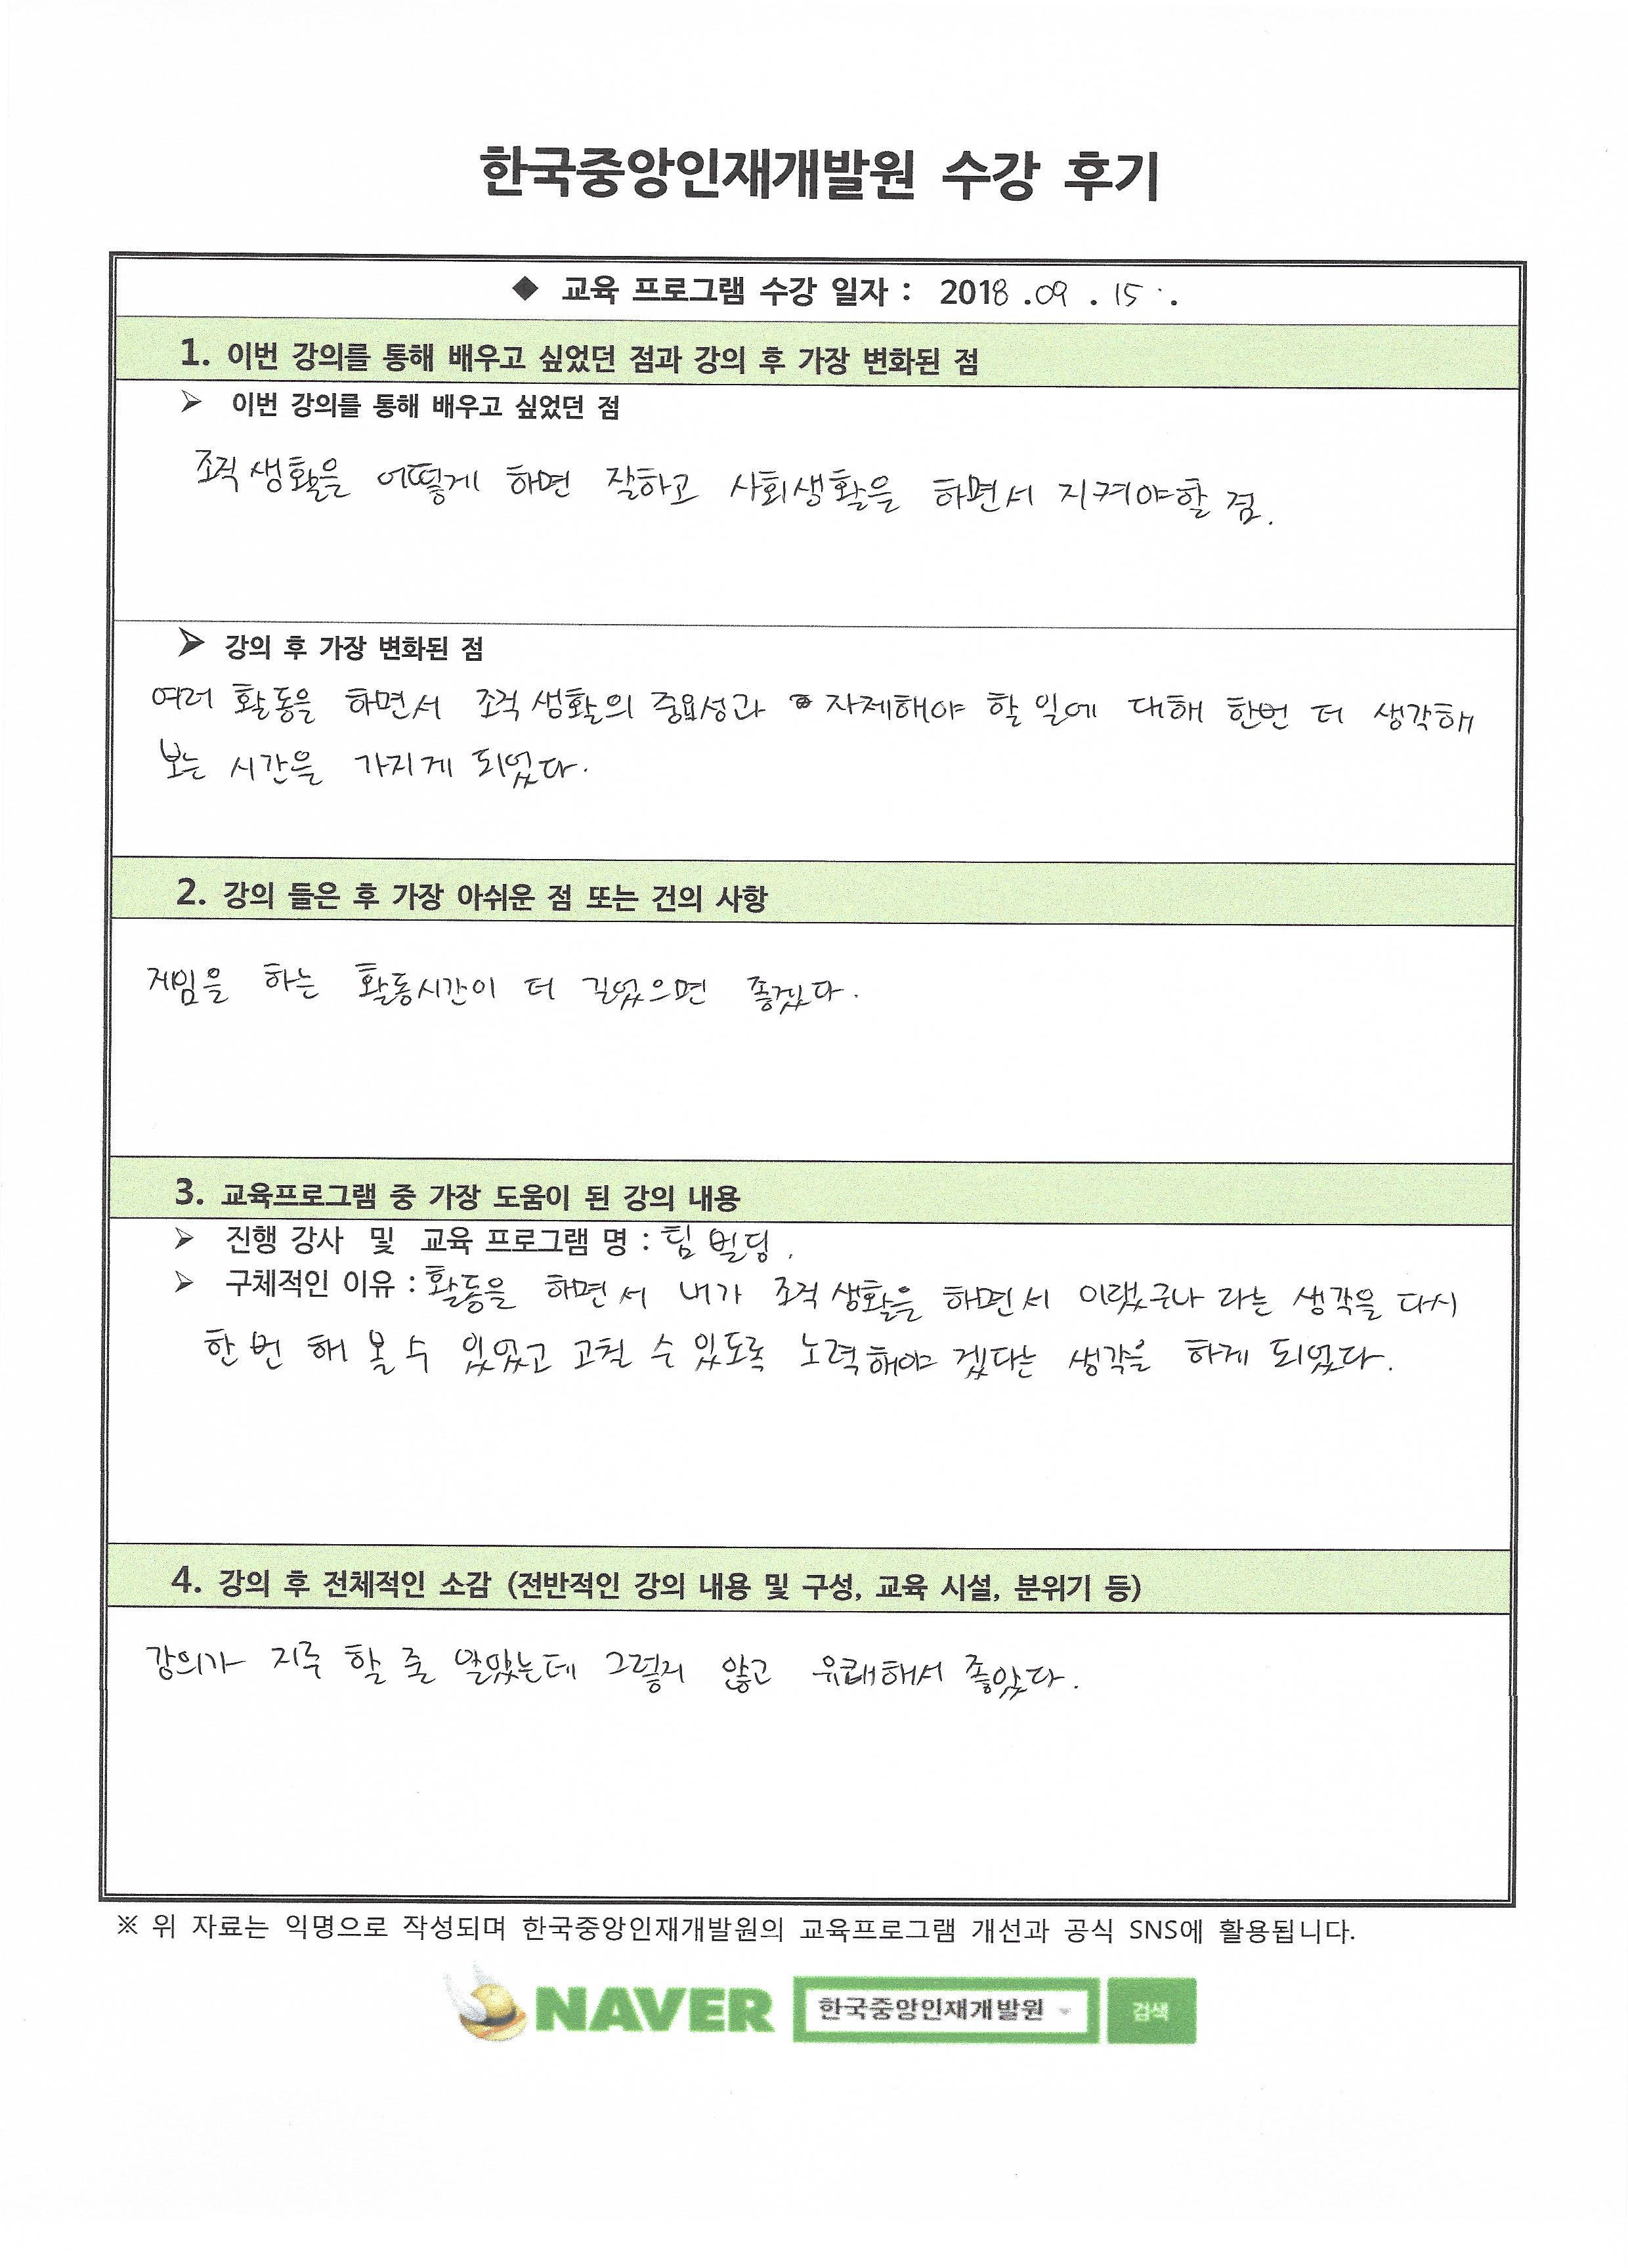 풍림푸드 후기-7 사본.JPG